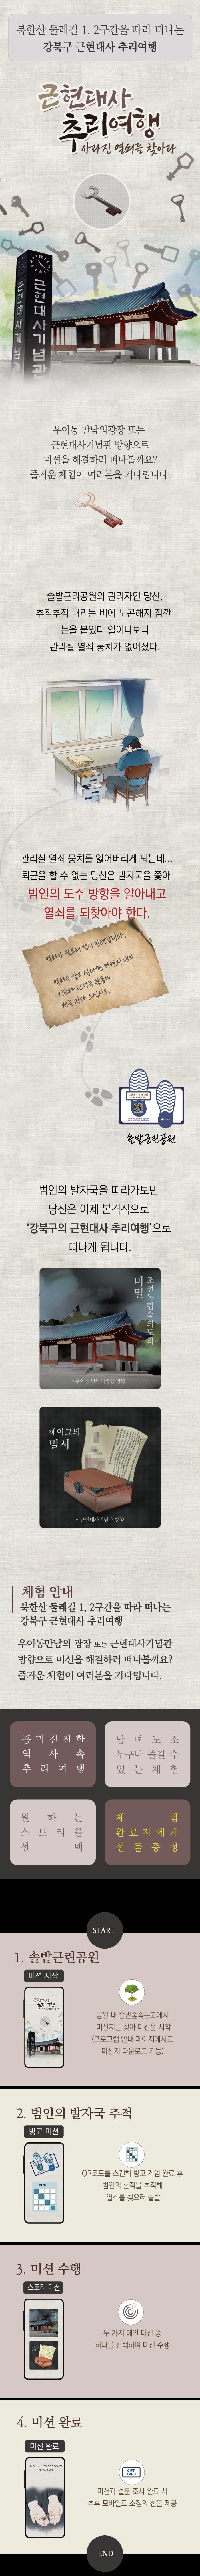 펀팜소개1_1.png